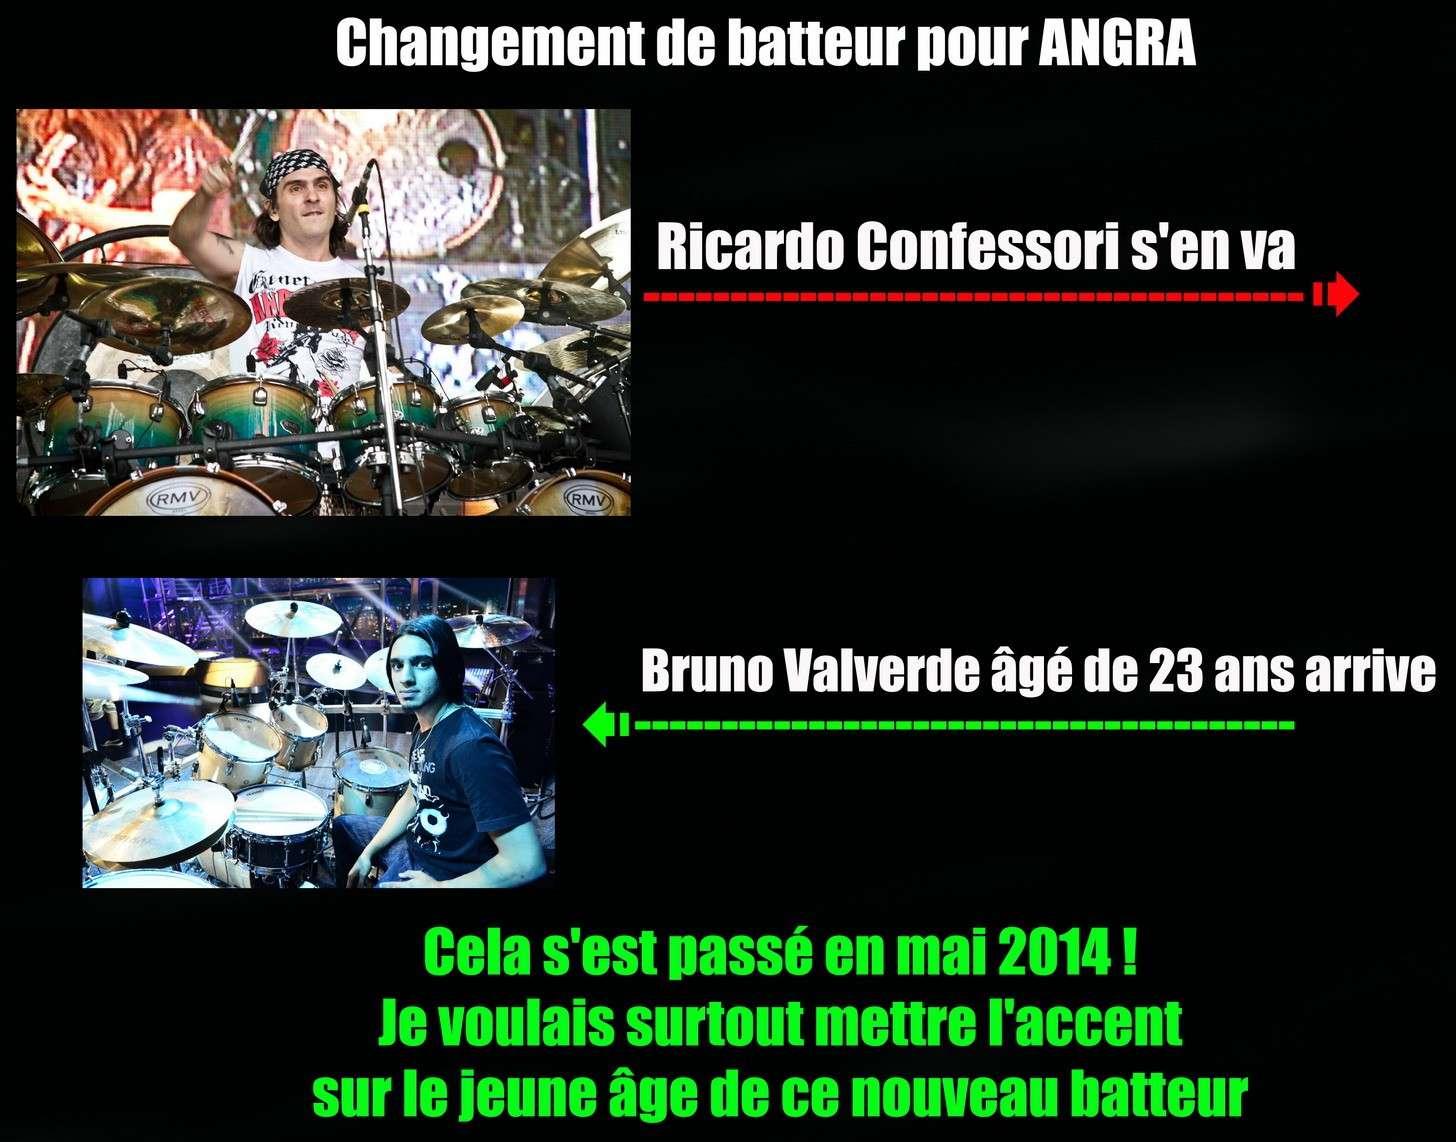 Les NEWS du METAL en VRAC ... - Page 5 Batteu12